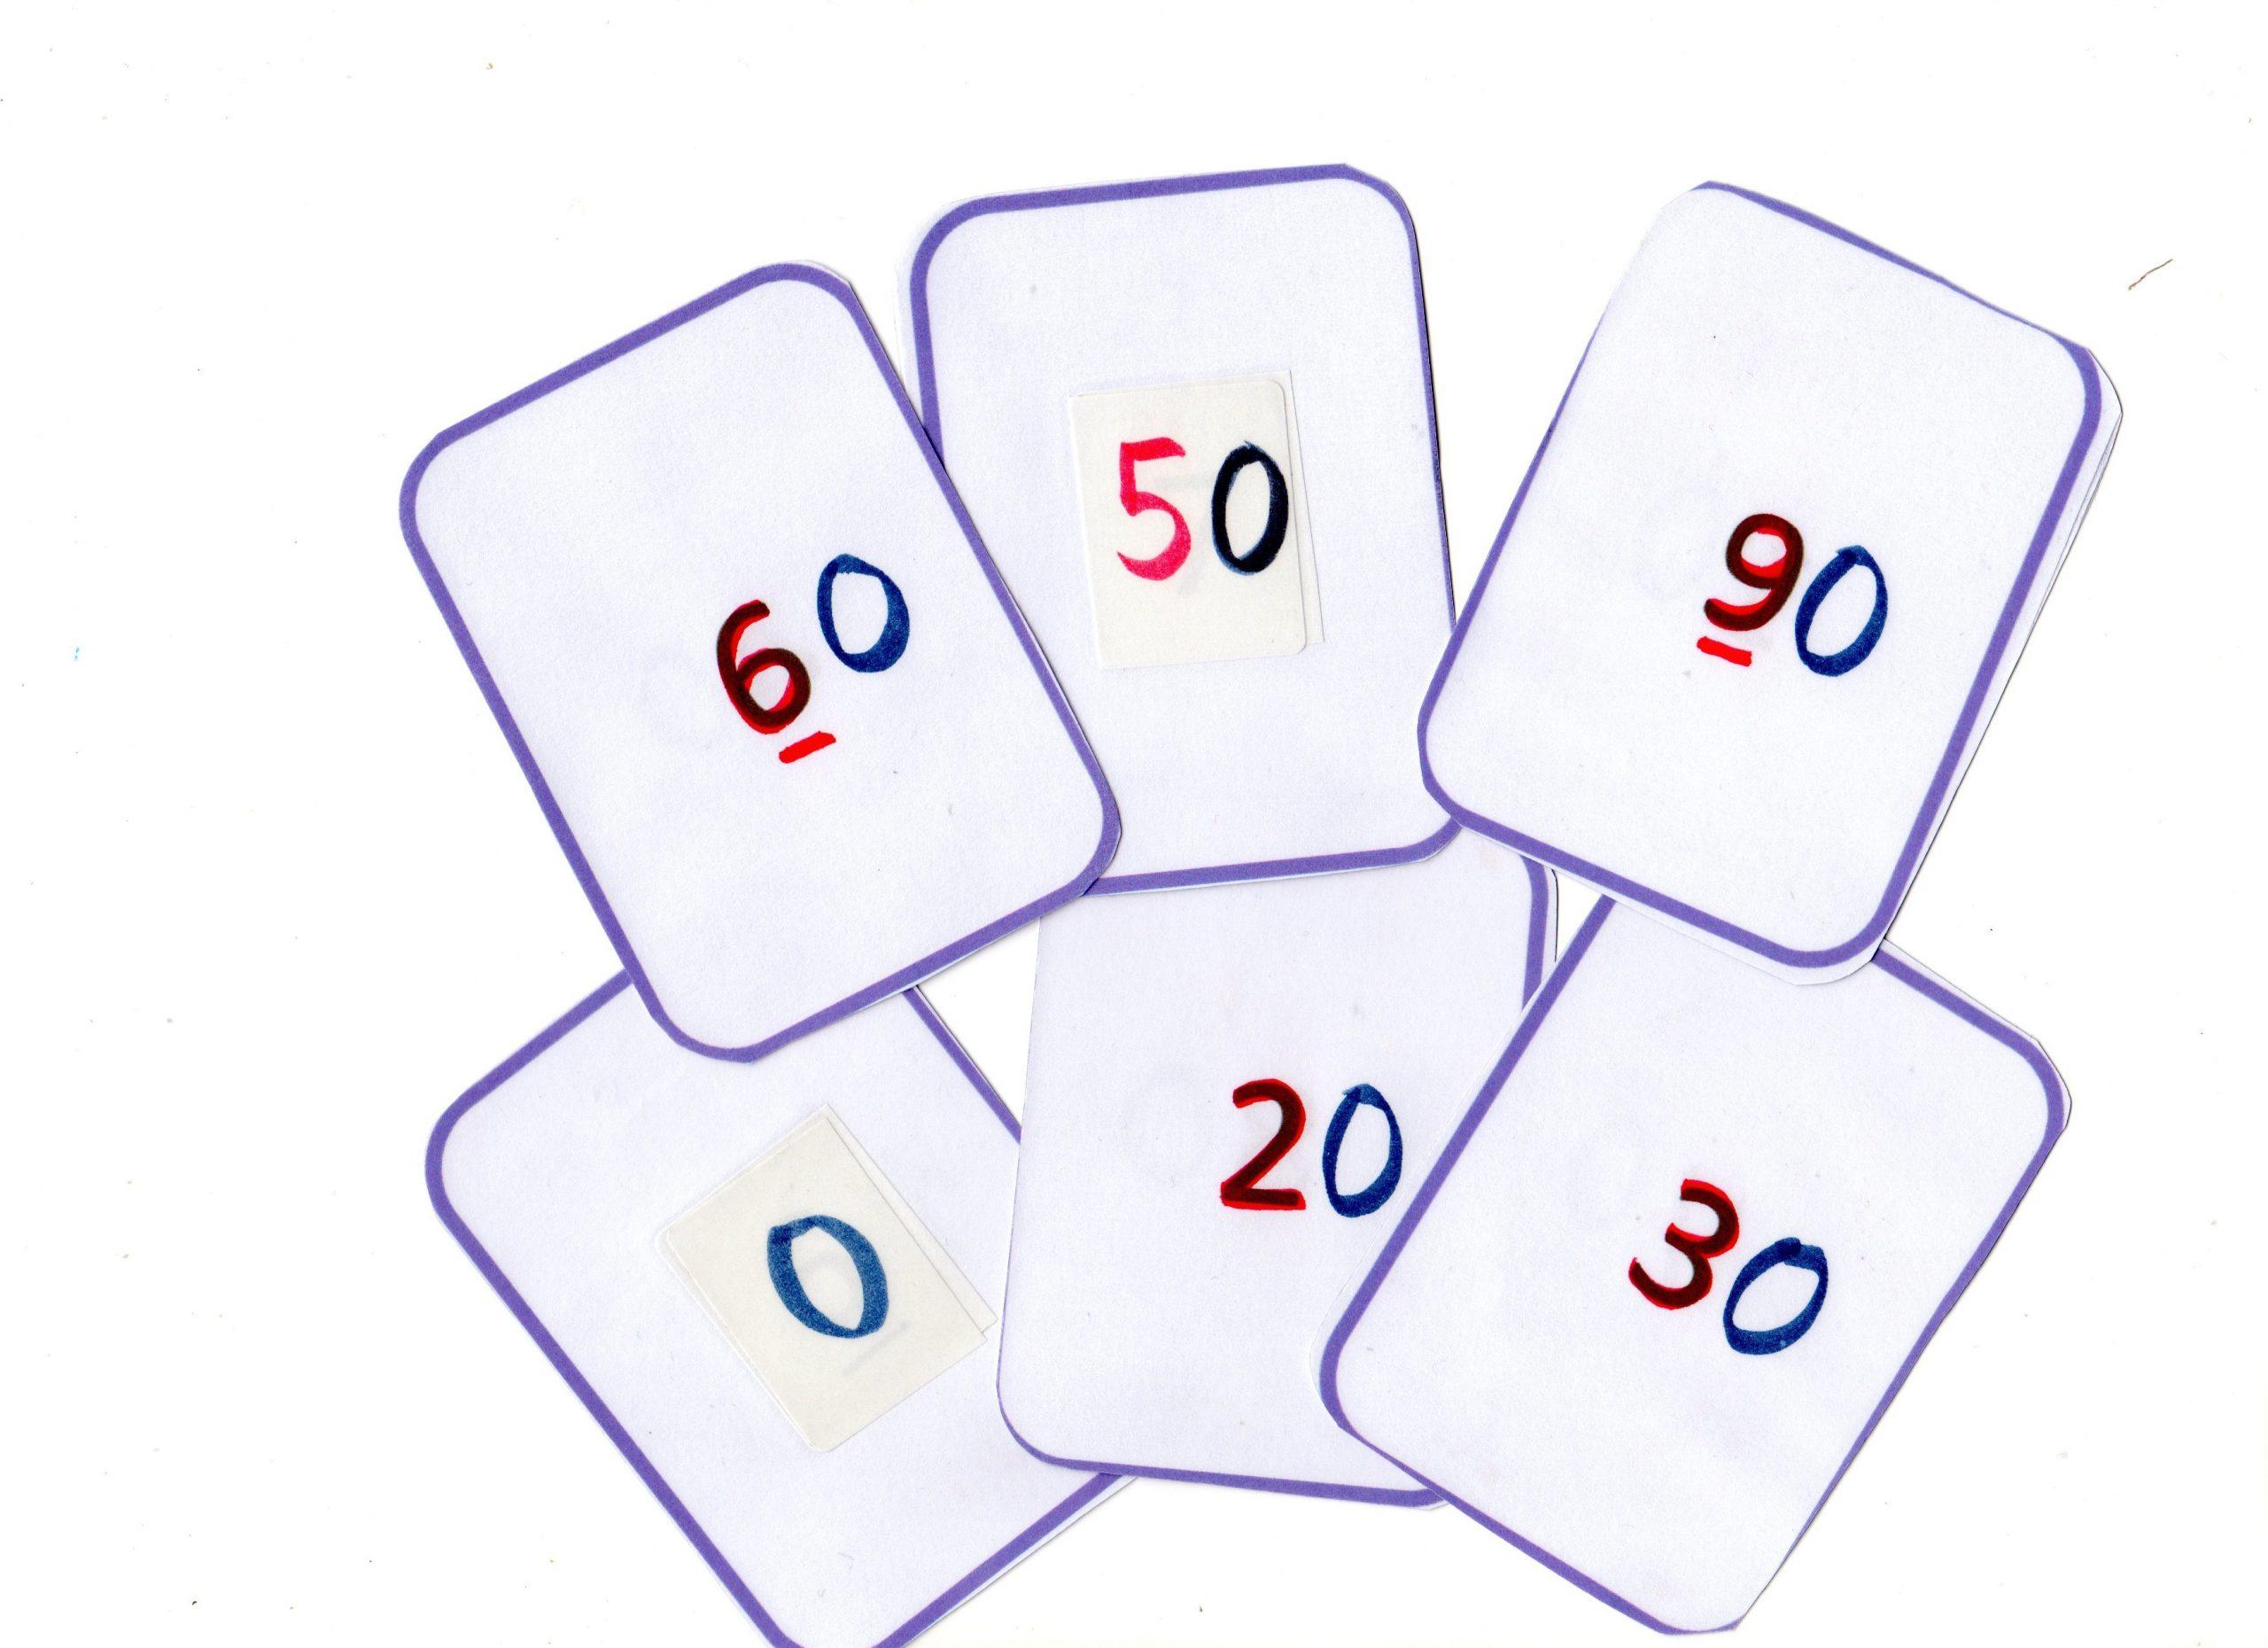 Jeu Carte Nombre tout Jeux De Cartes Gratuits En Ligne Sans Inscription